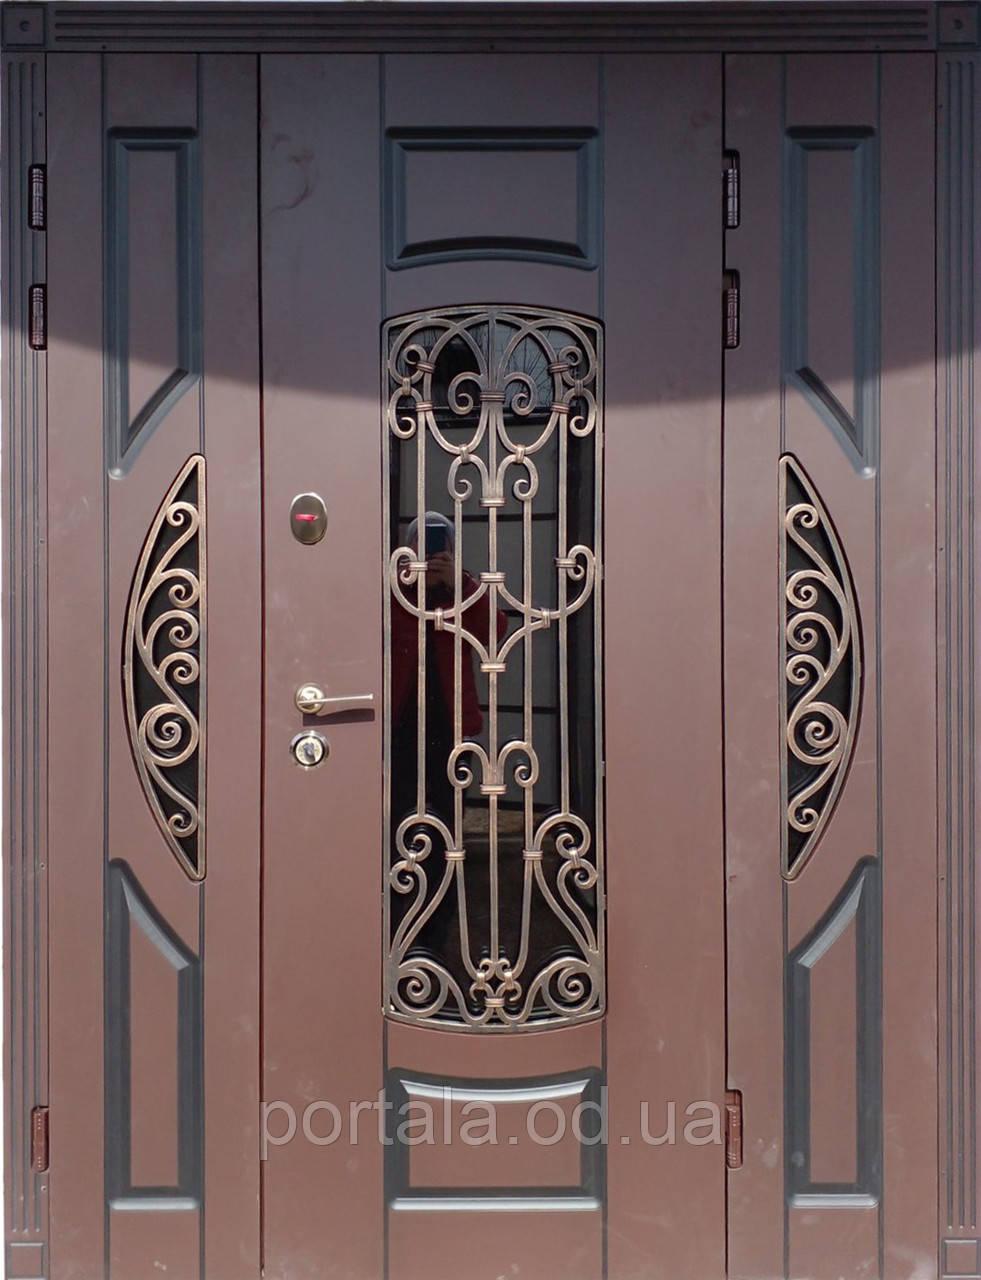 """Вхідні двері Портала Ексклюзив"""" (3-D, патина) ― модель BIG-31"""